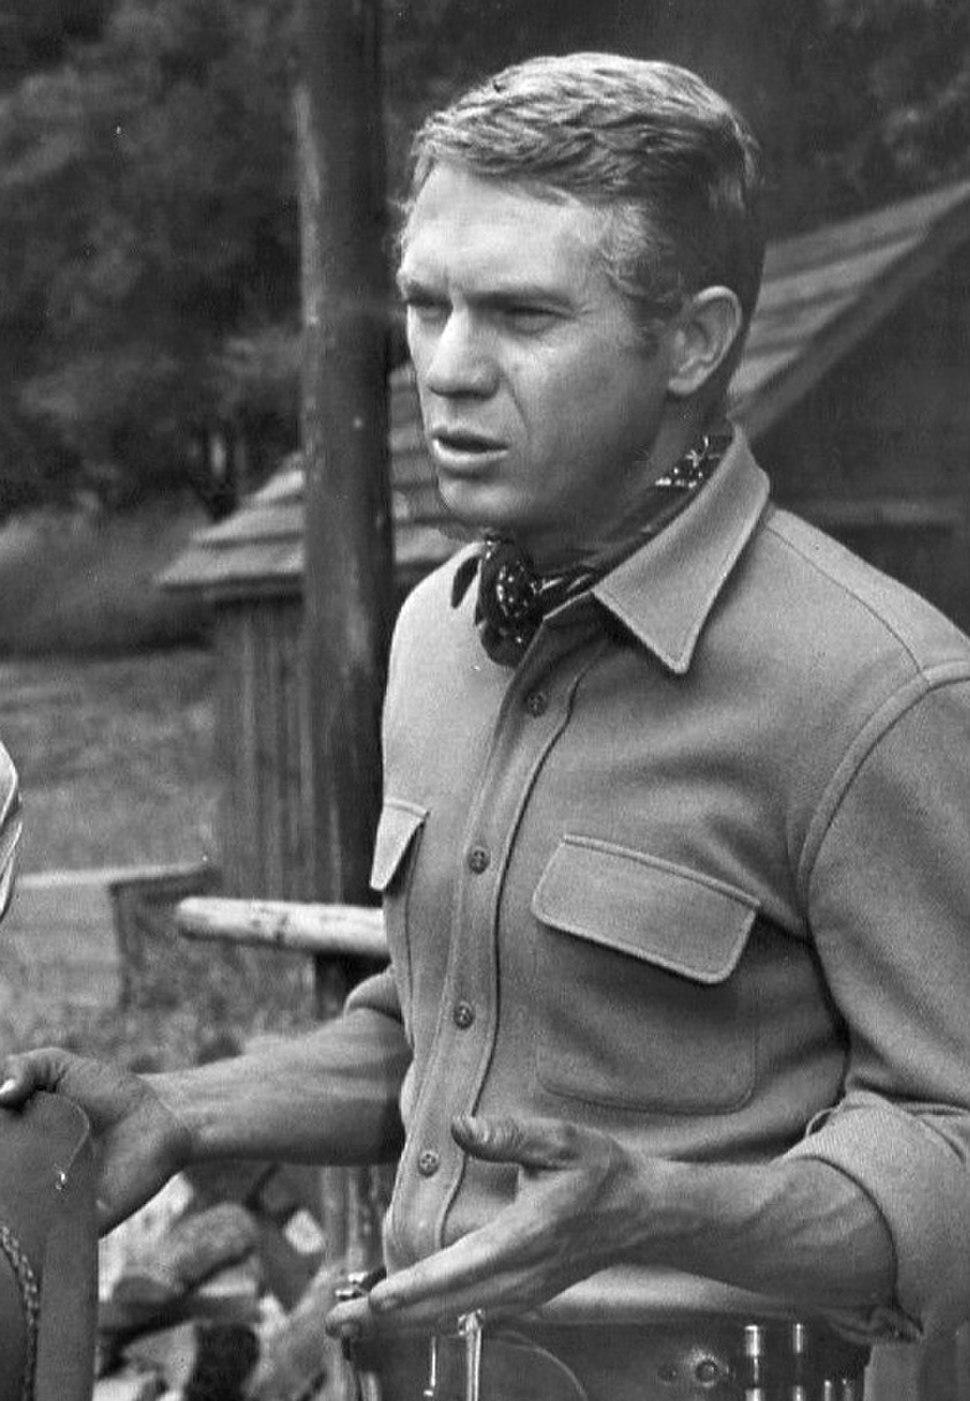 Steve McQueen 1959